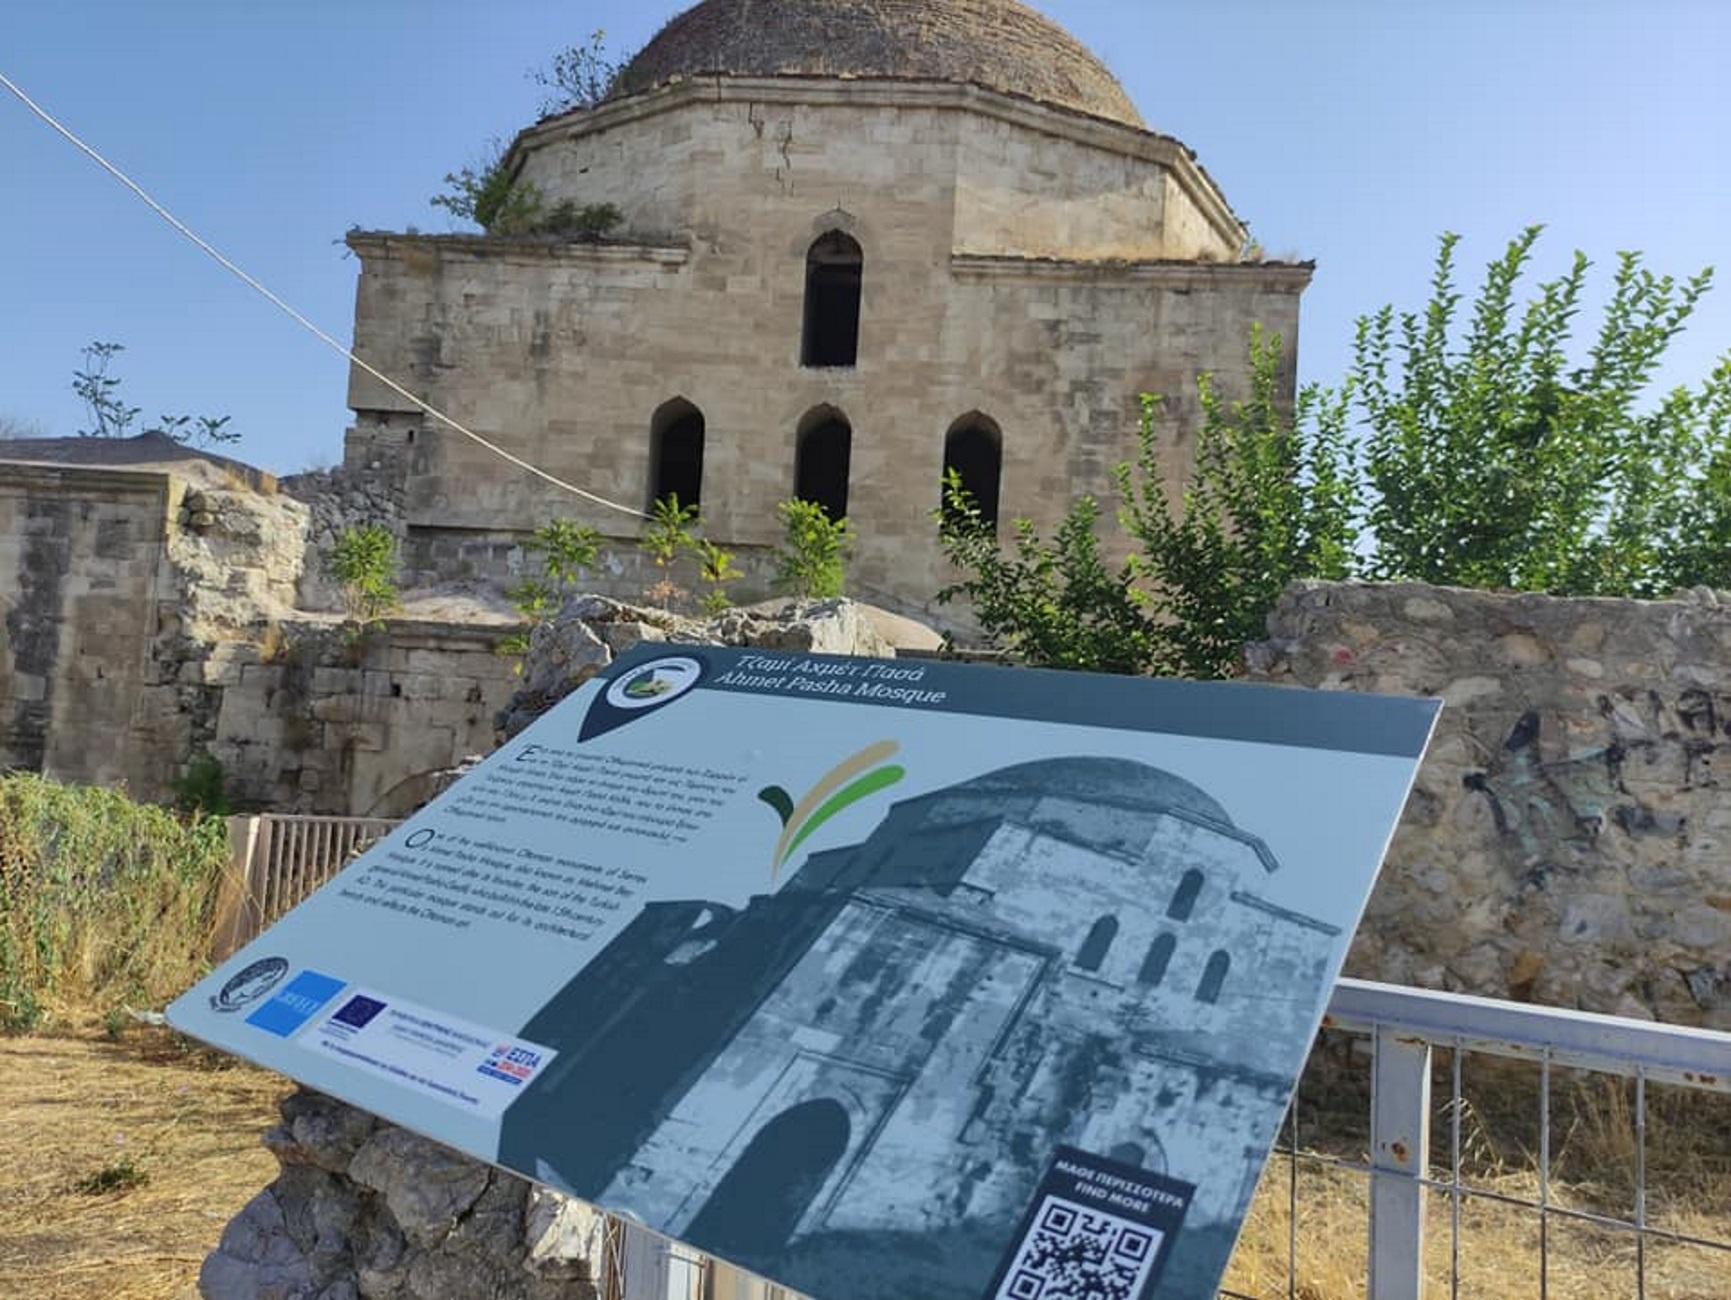 Σέρρες: Αυτές είναι οι «έξυπνες» πινακίδες που τοποθετήθηκαν για τουρίστες και όχι μόνο